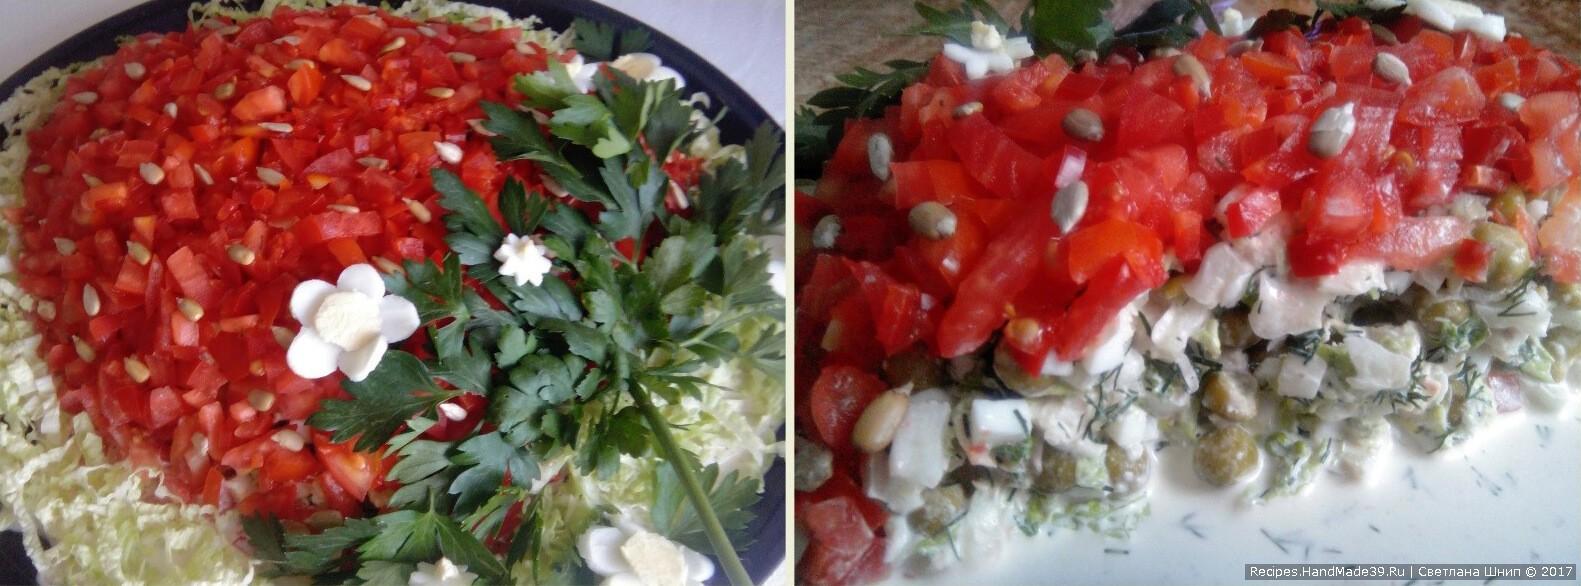 Помидоры перемешать с красным перцем и выложить ими верхний слой салата. Украсить у основания зеленью и присыпать семенами подсолнечника